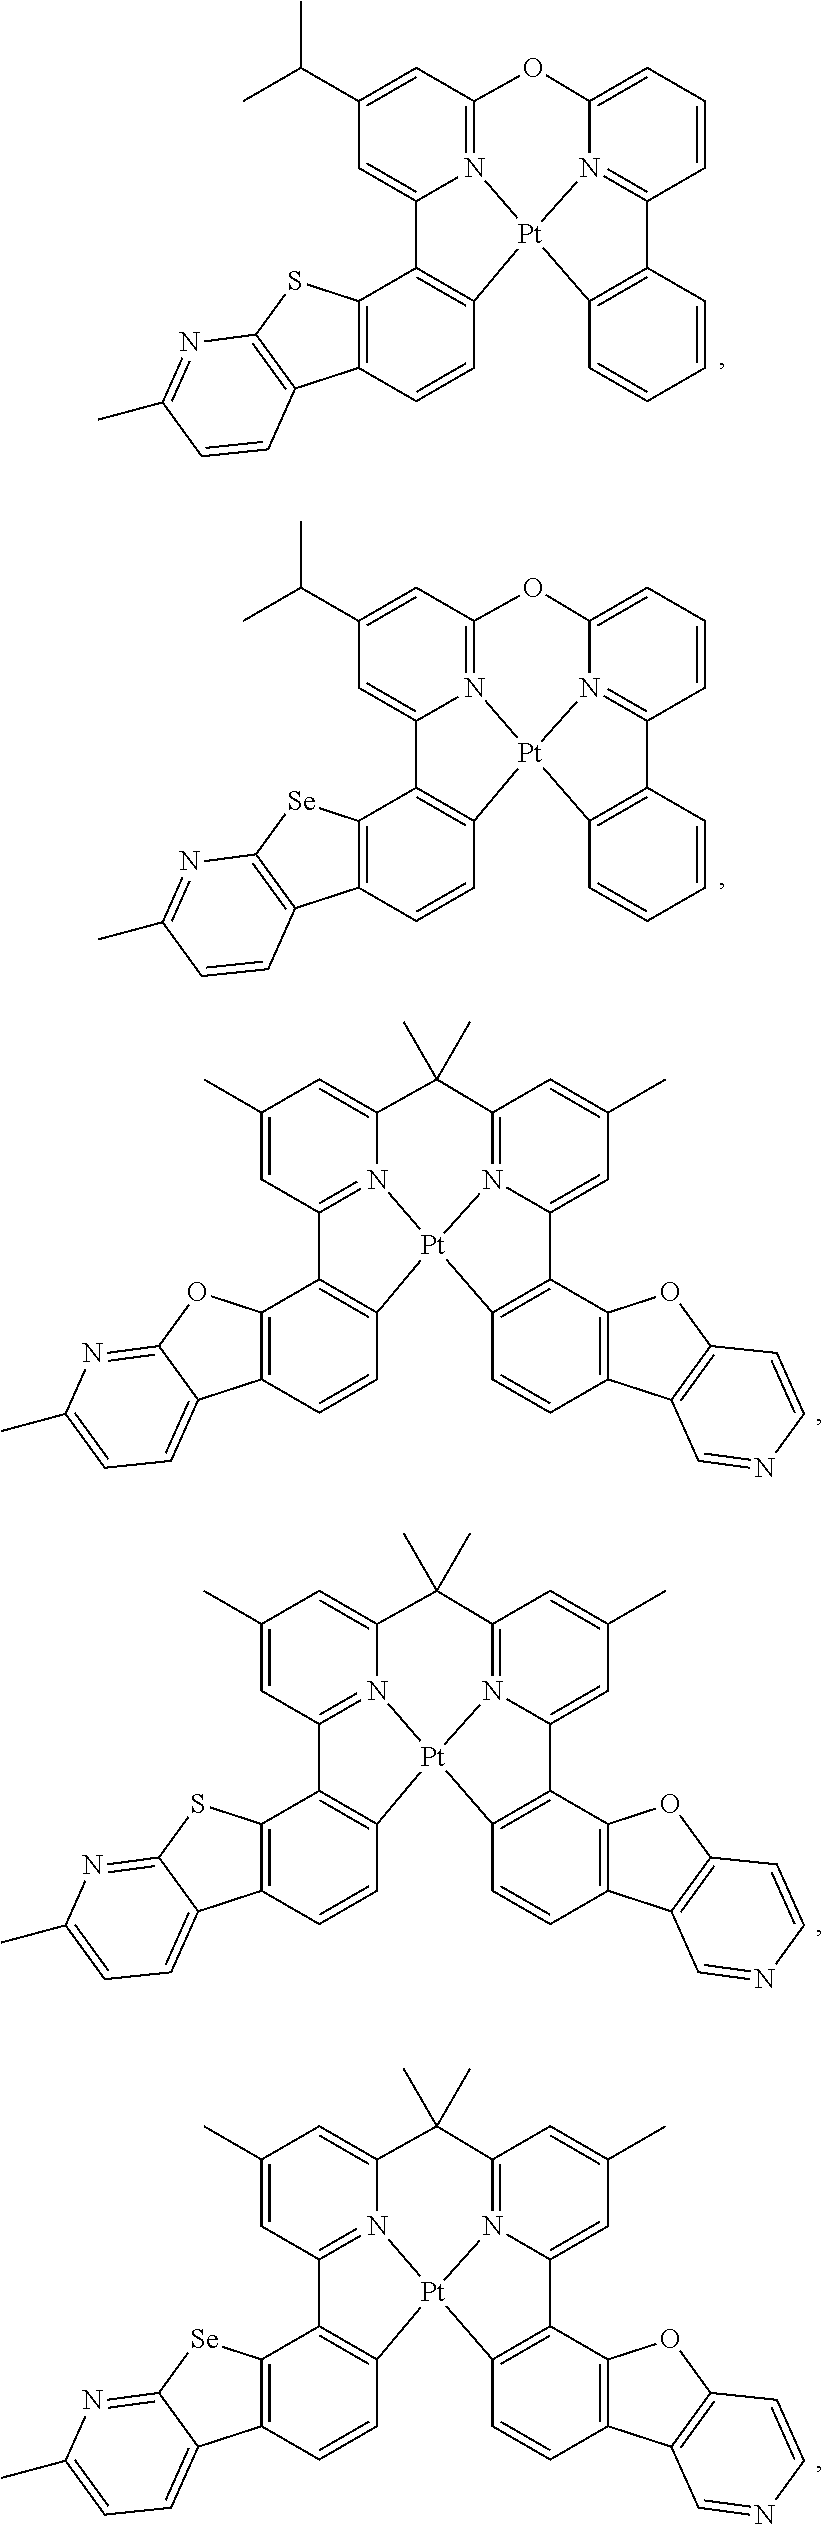 Figure US09871214-20180116-C00300